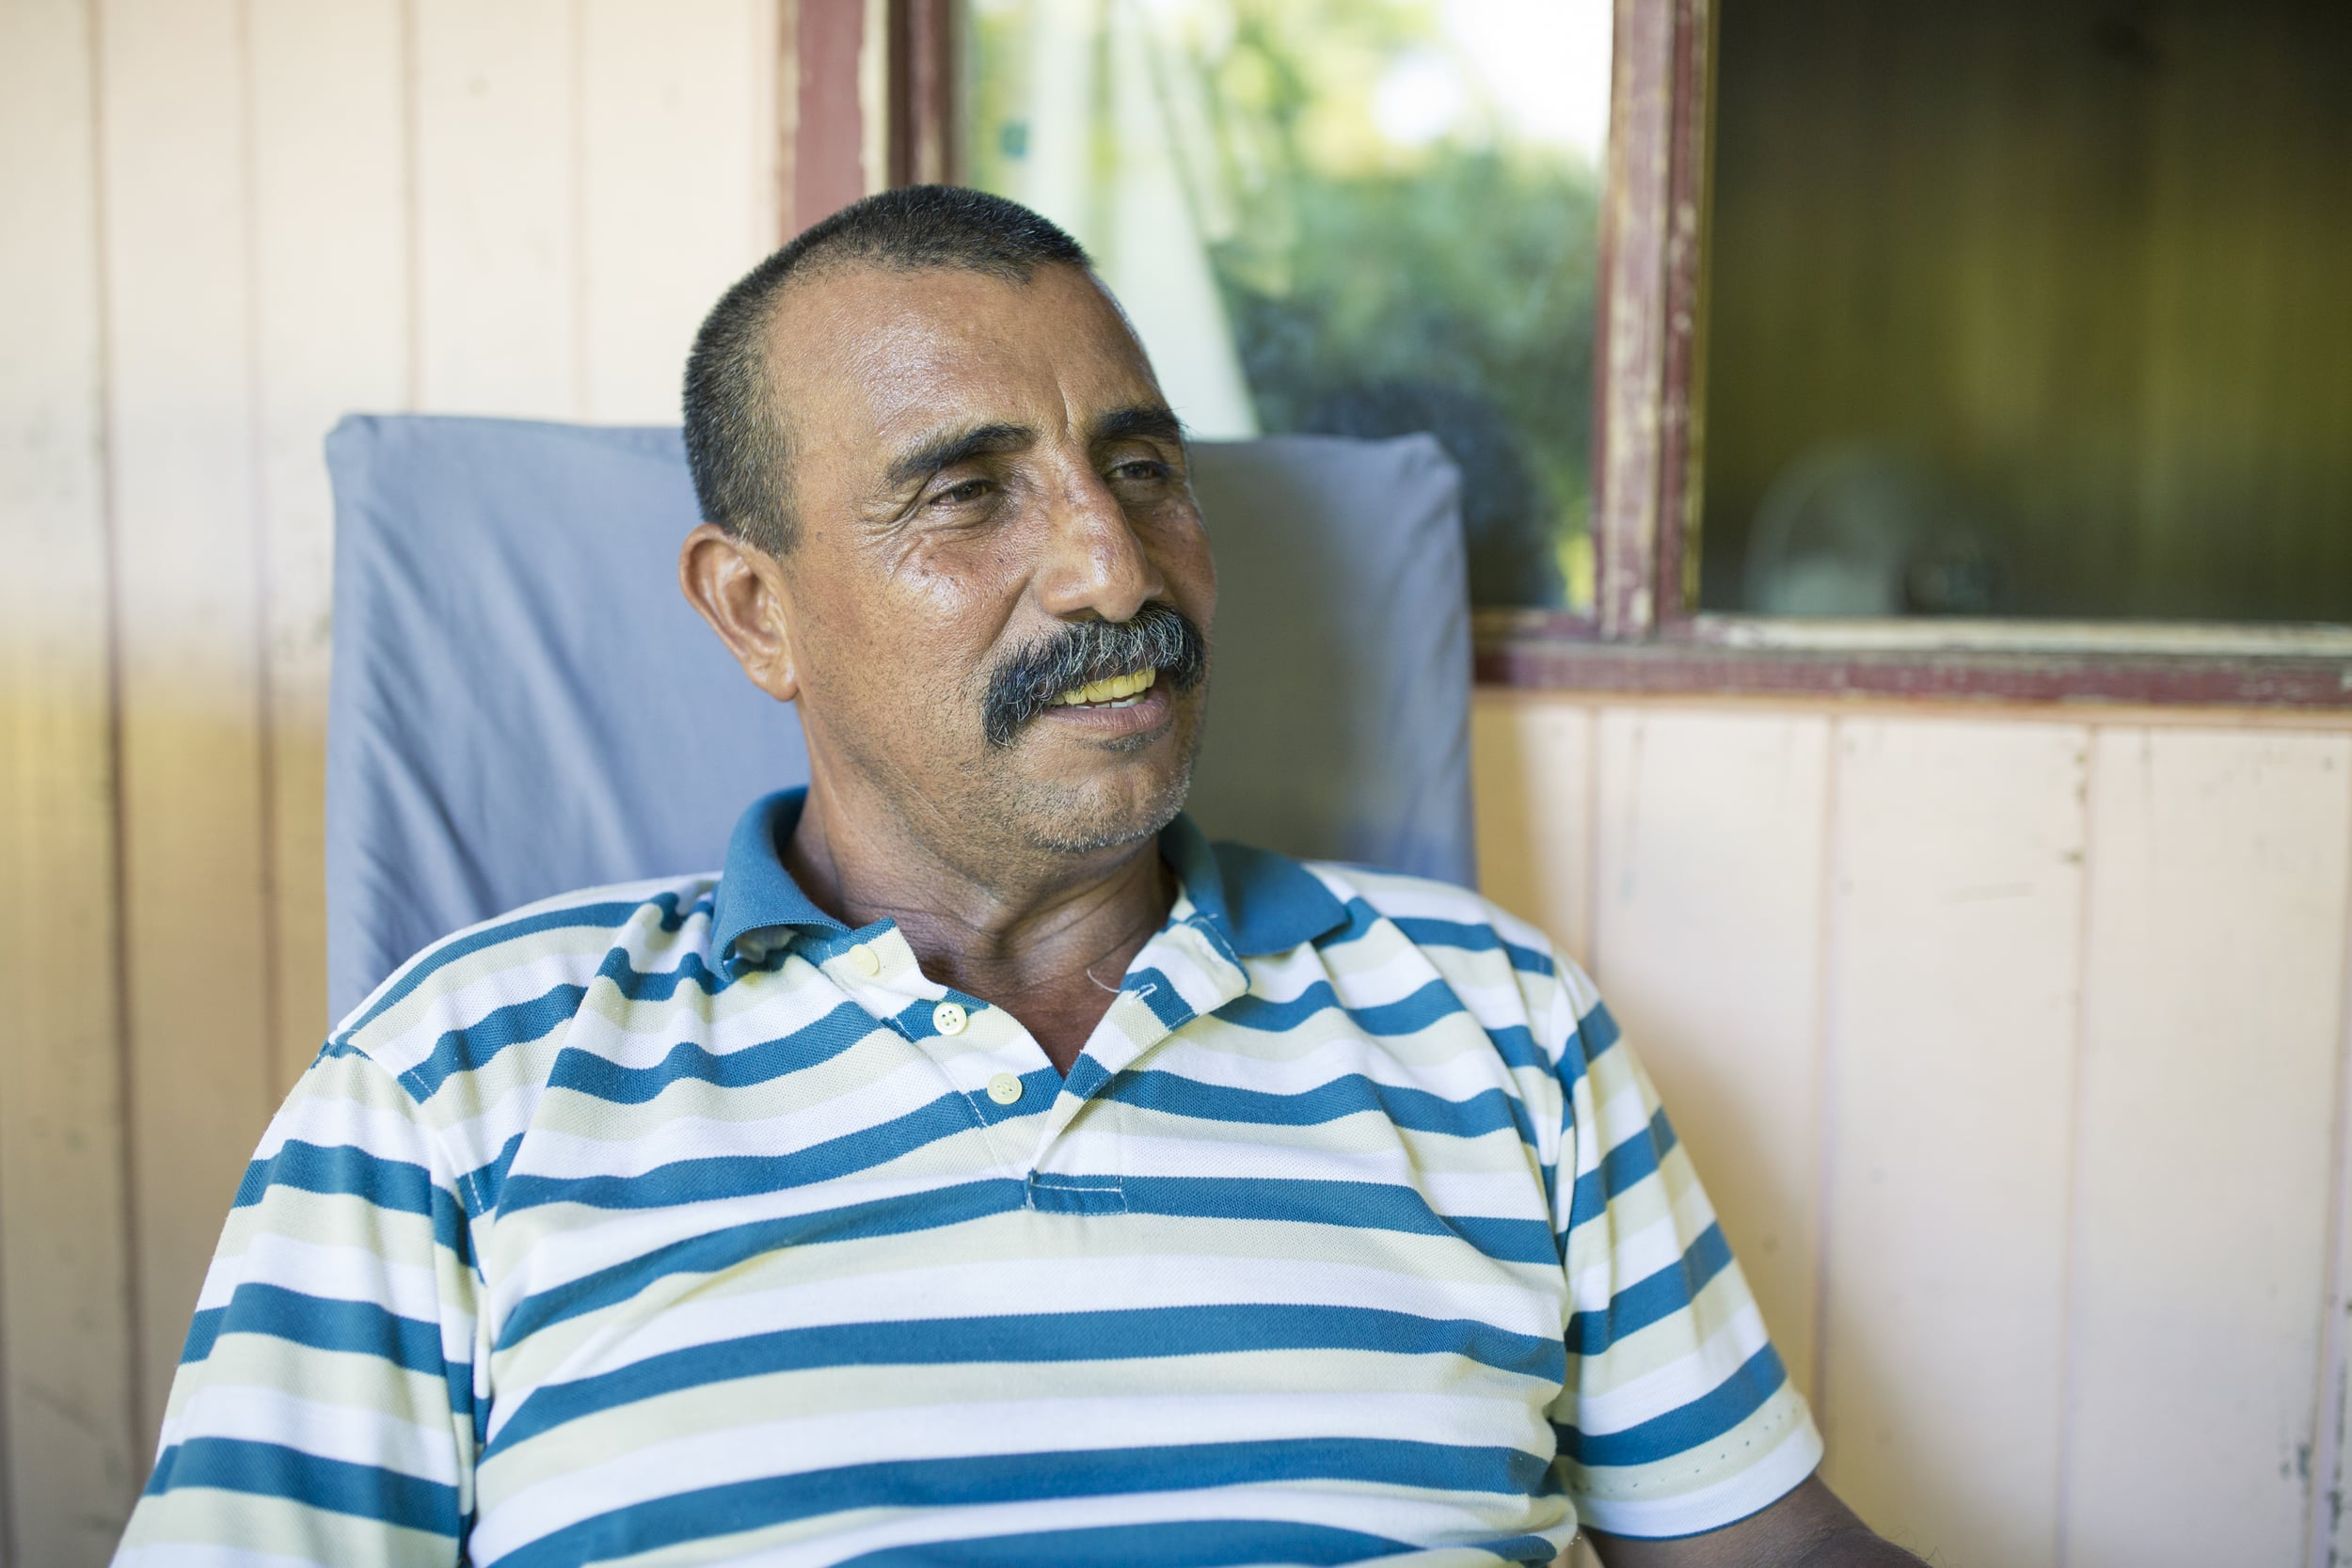 Don Jacinto urge al gobierno cumplir sus funciones para que el Golfo de Nicoya logre ser el sostén que antes era.